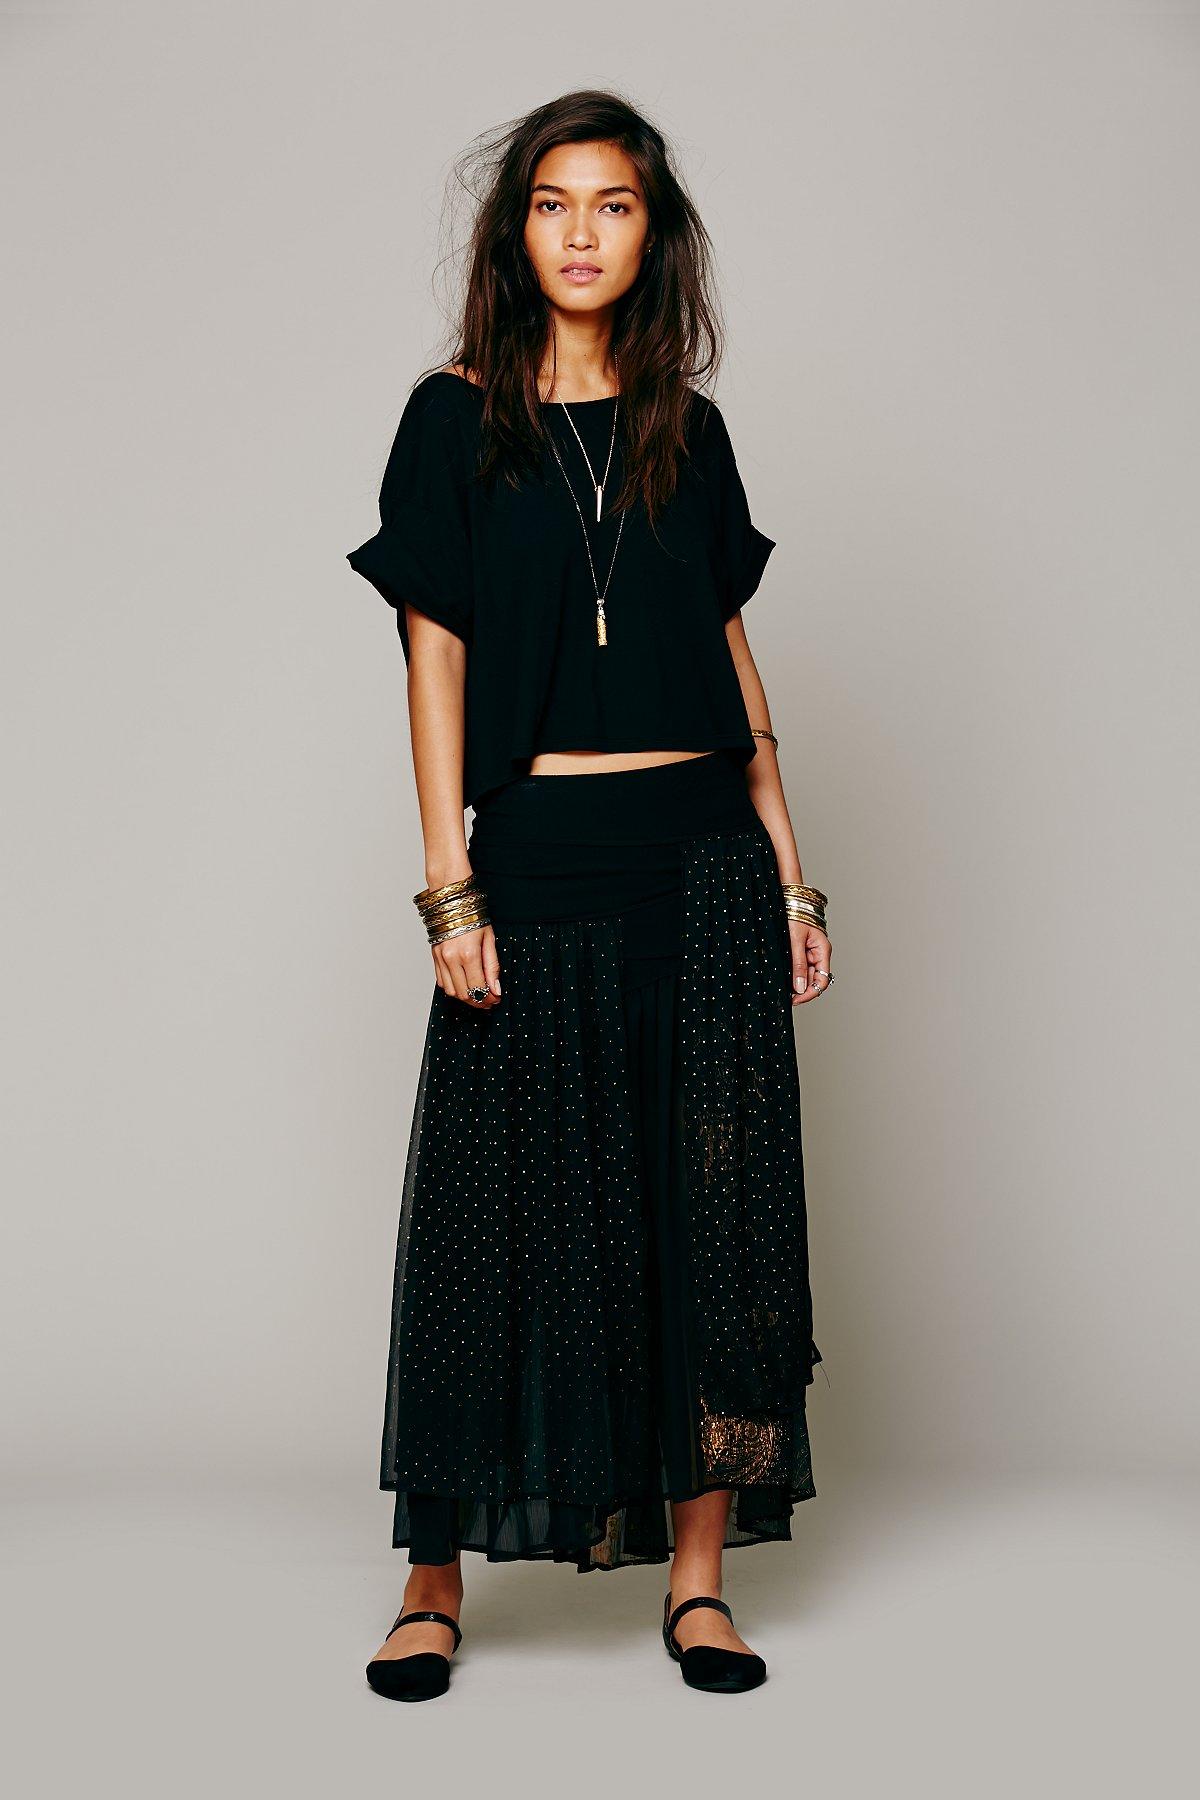 Kristal Ruffle Dot Skirt